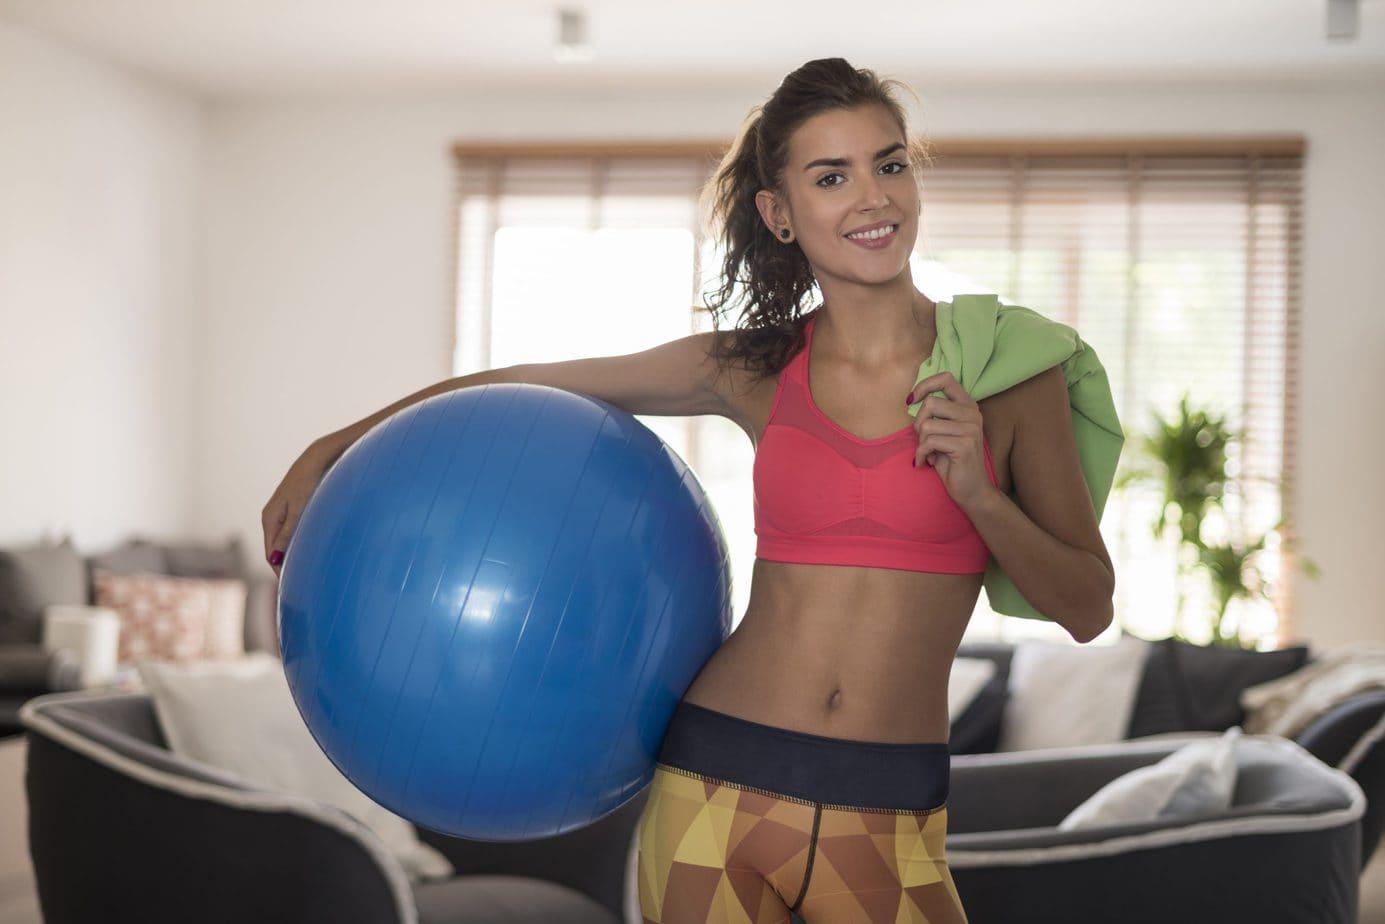 Sprzęt do pilatesu – z jakimi akcesoriami warto wykonywać ćwiczenia?